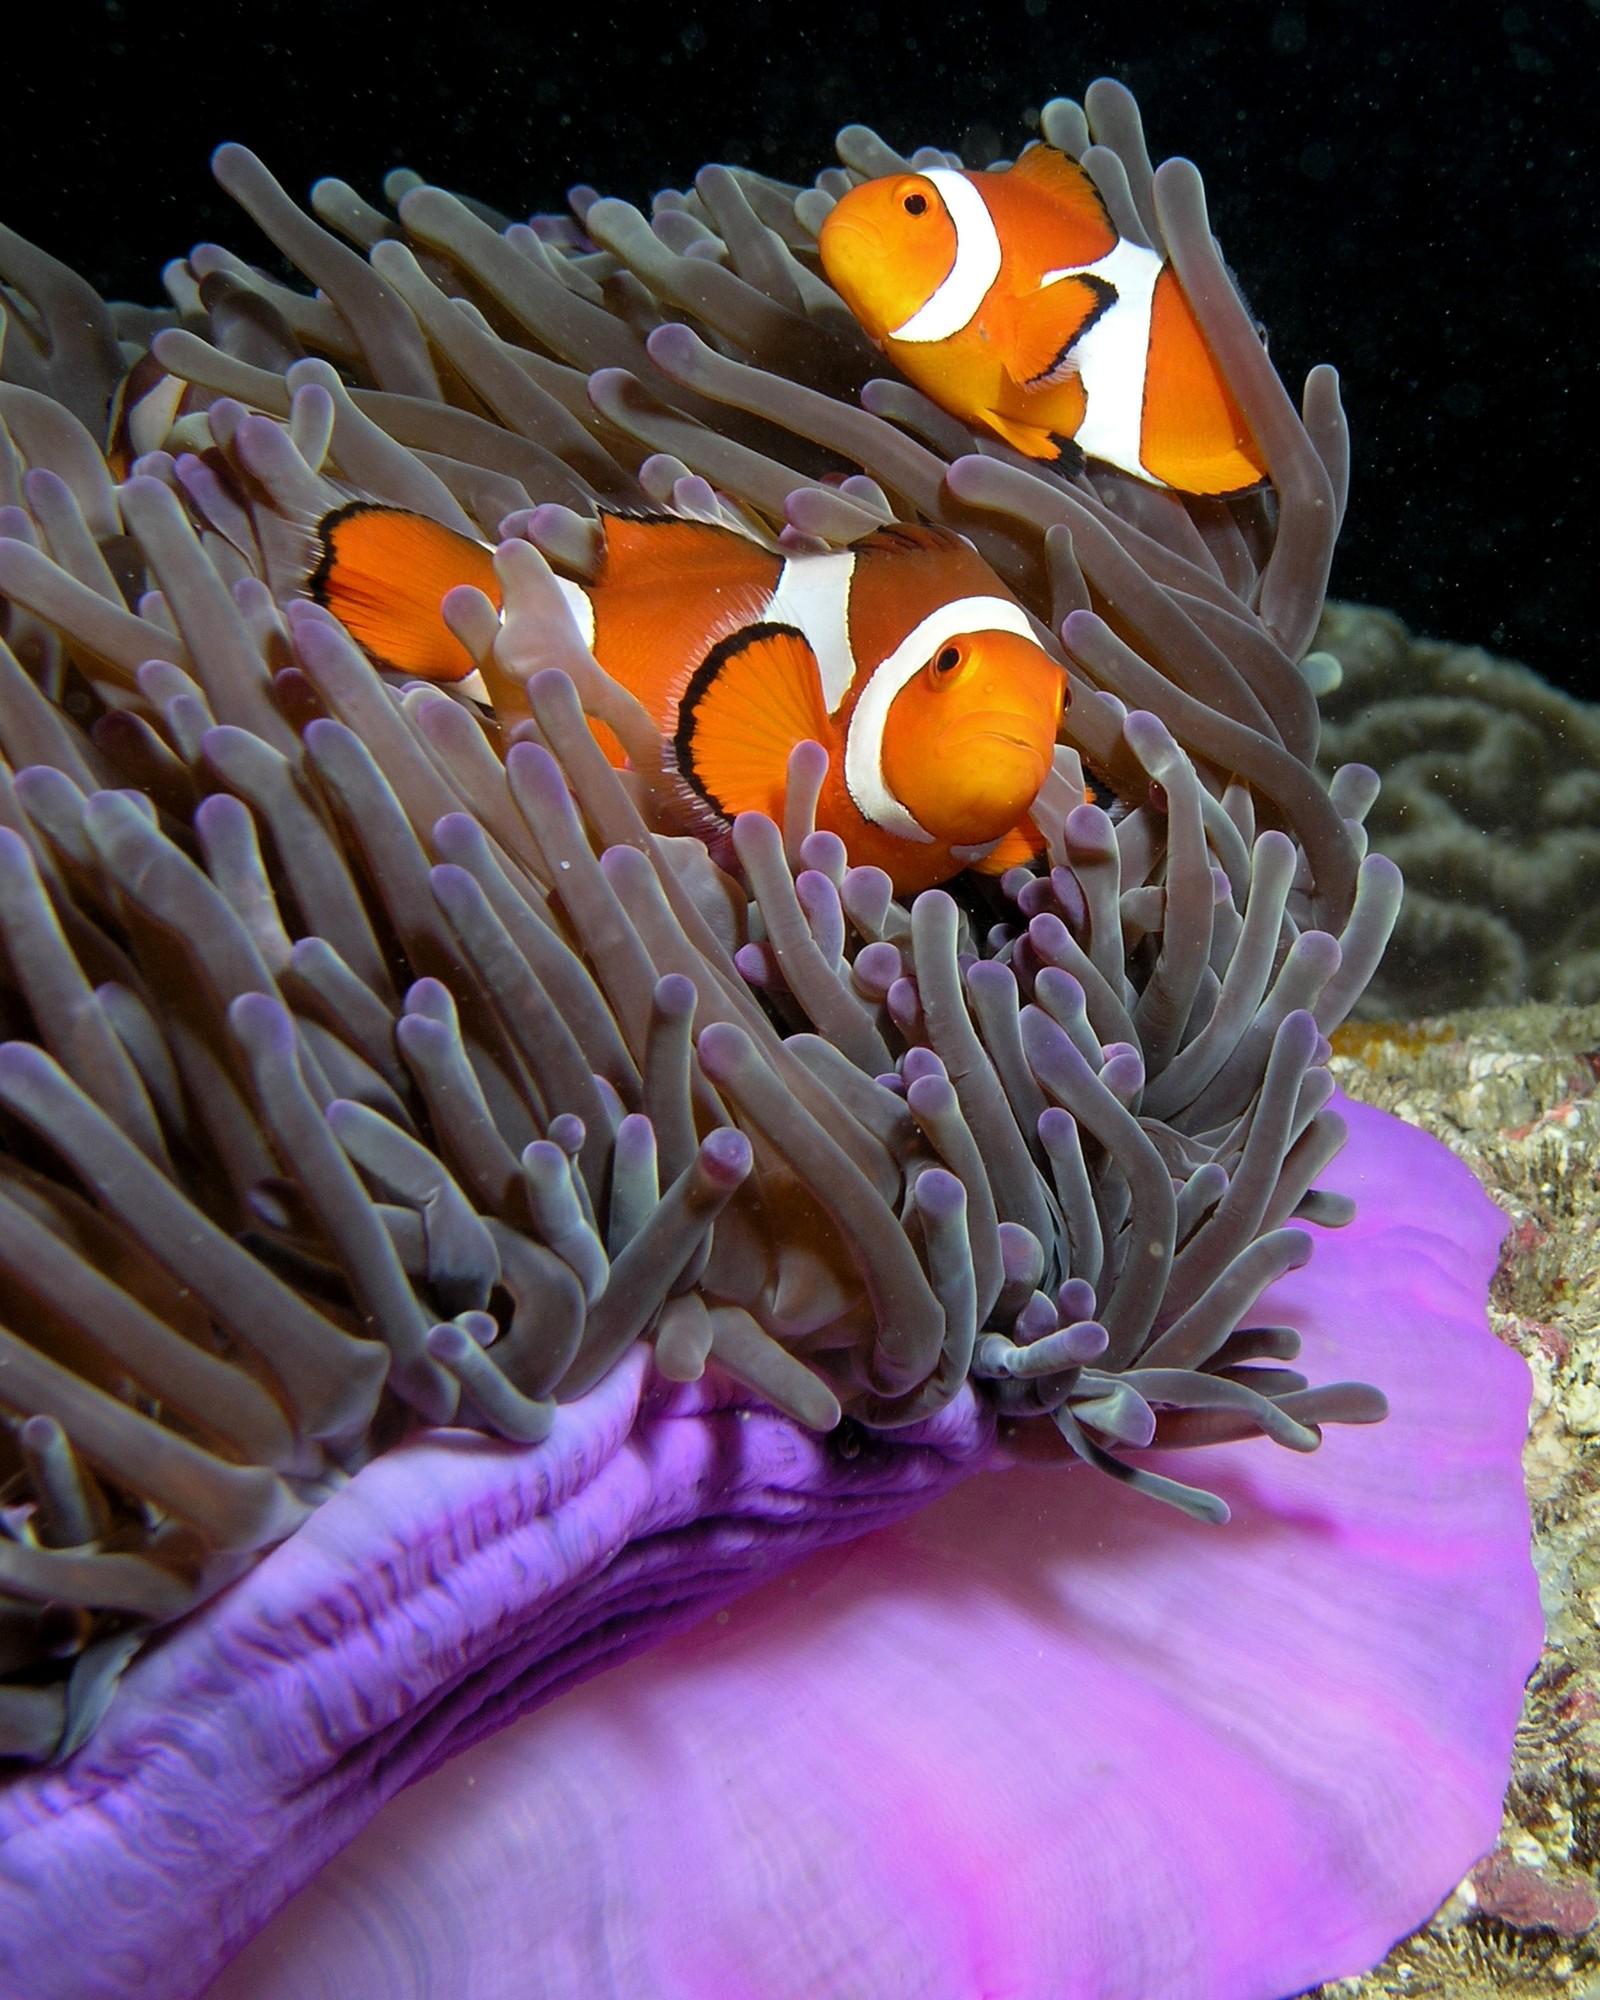 Klovnefisken er en av artene som lever ved Great Barrier Reef. Her på en anemone som ikke er bleket.